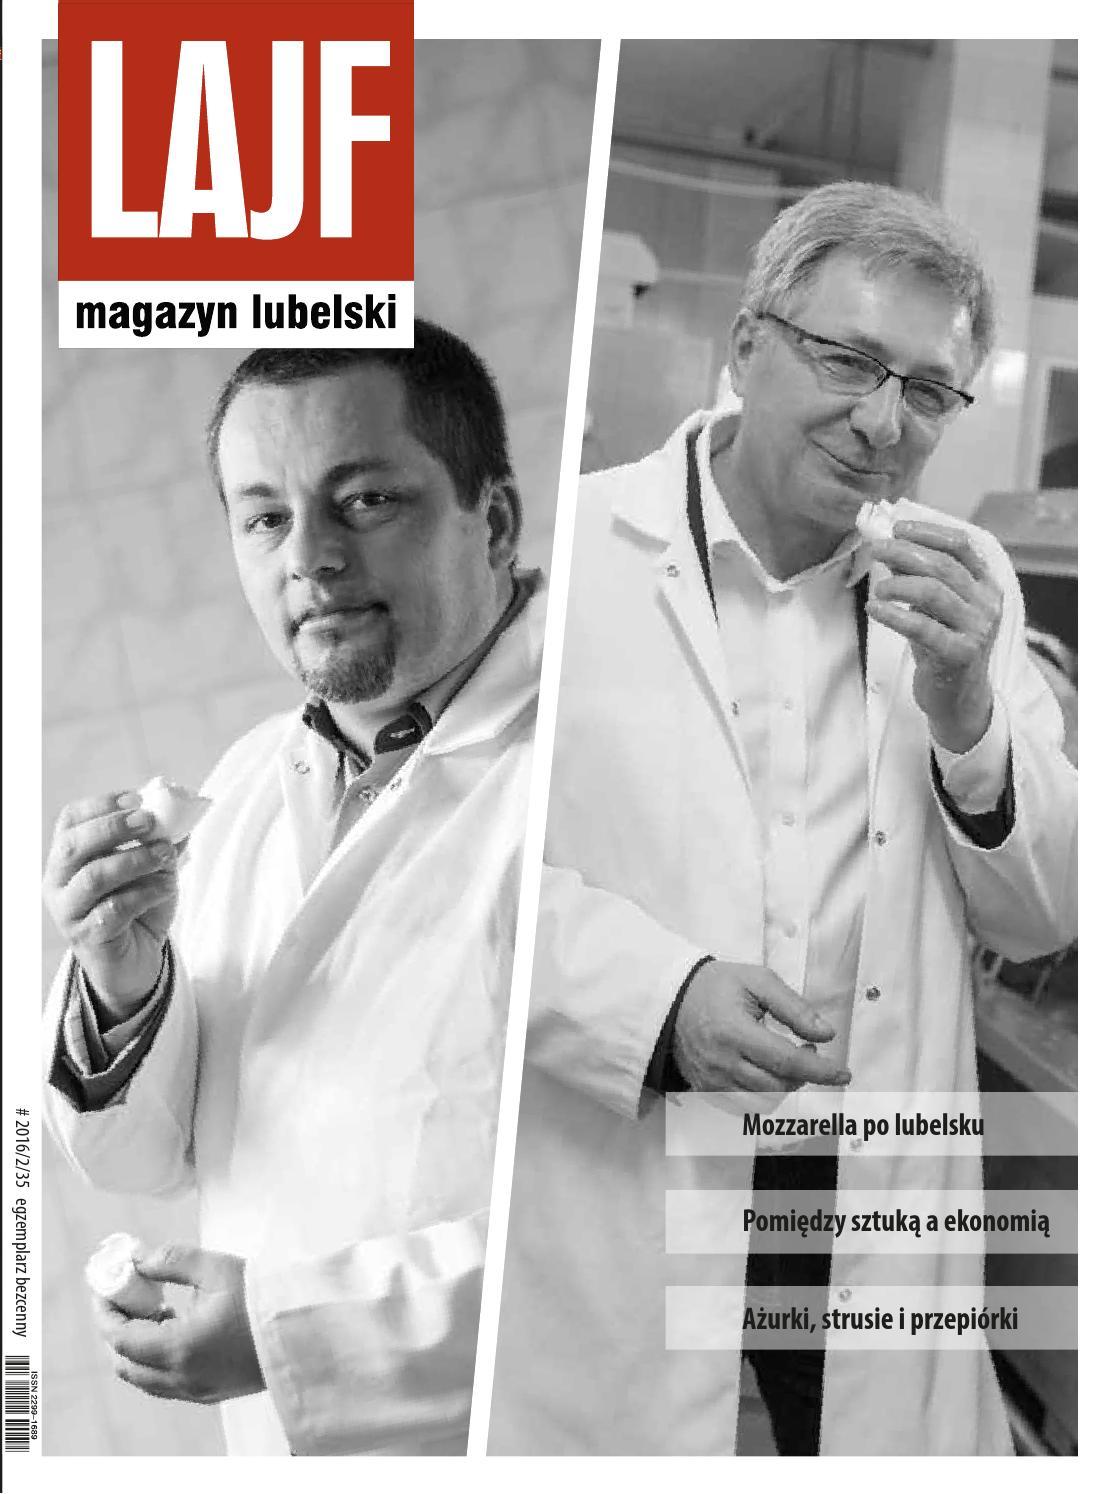 Gazeta Bigorajska 30-030 by Damian Wolanin - issuu